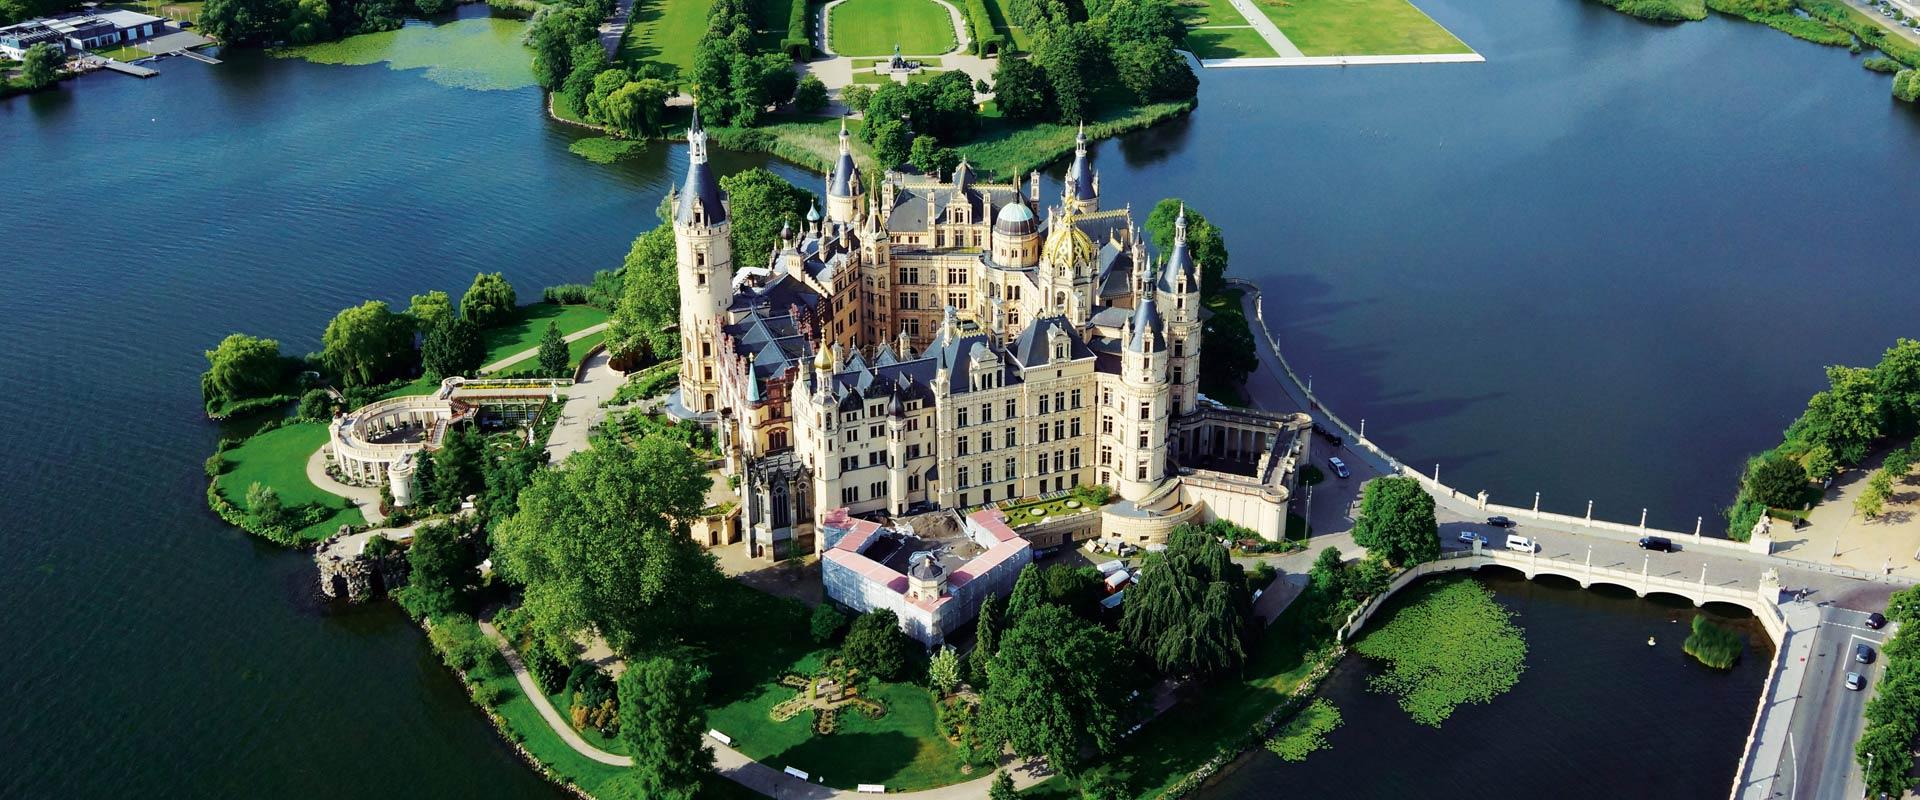 Schwerin Palace in Schwerin